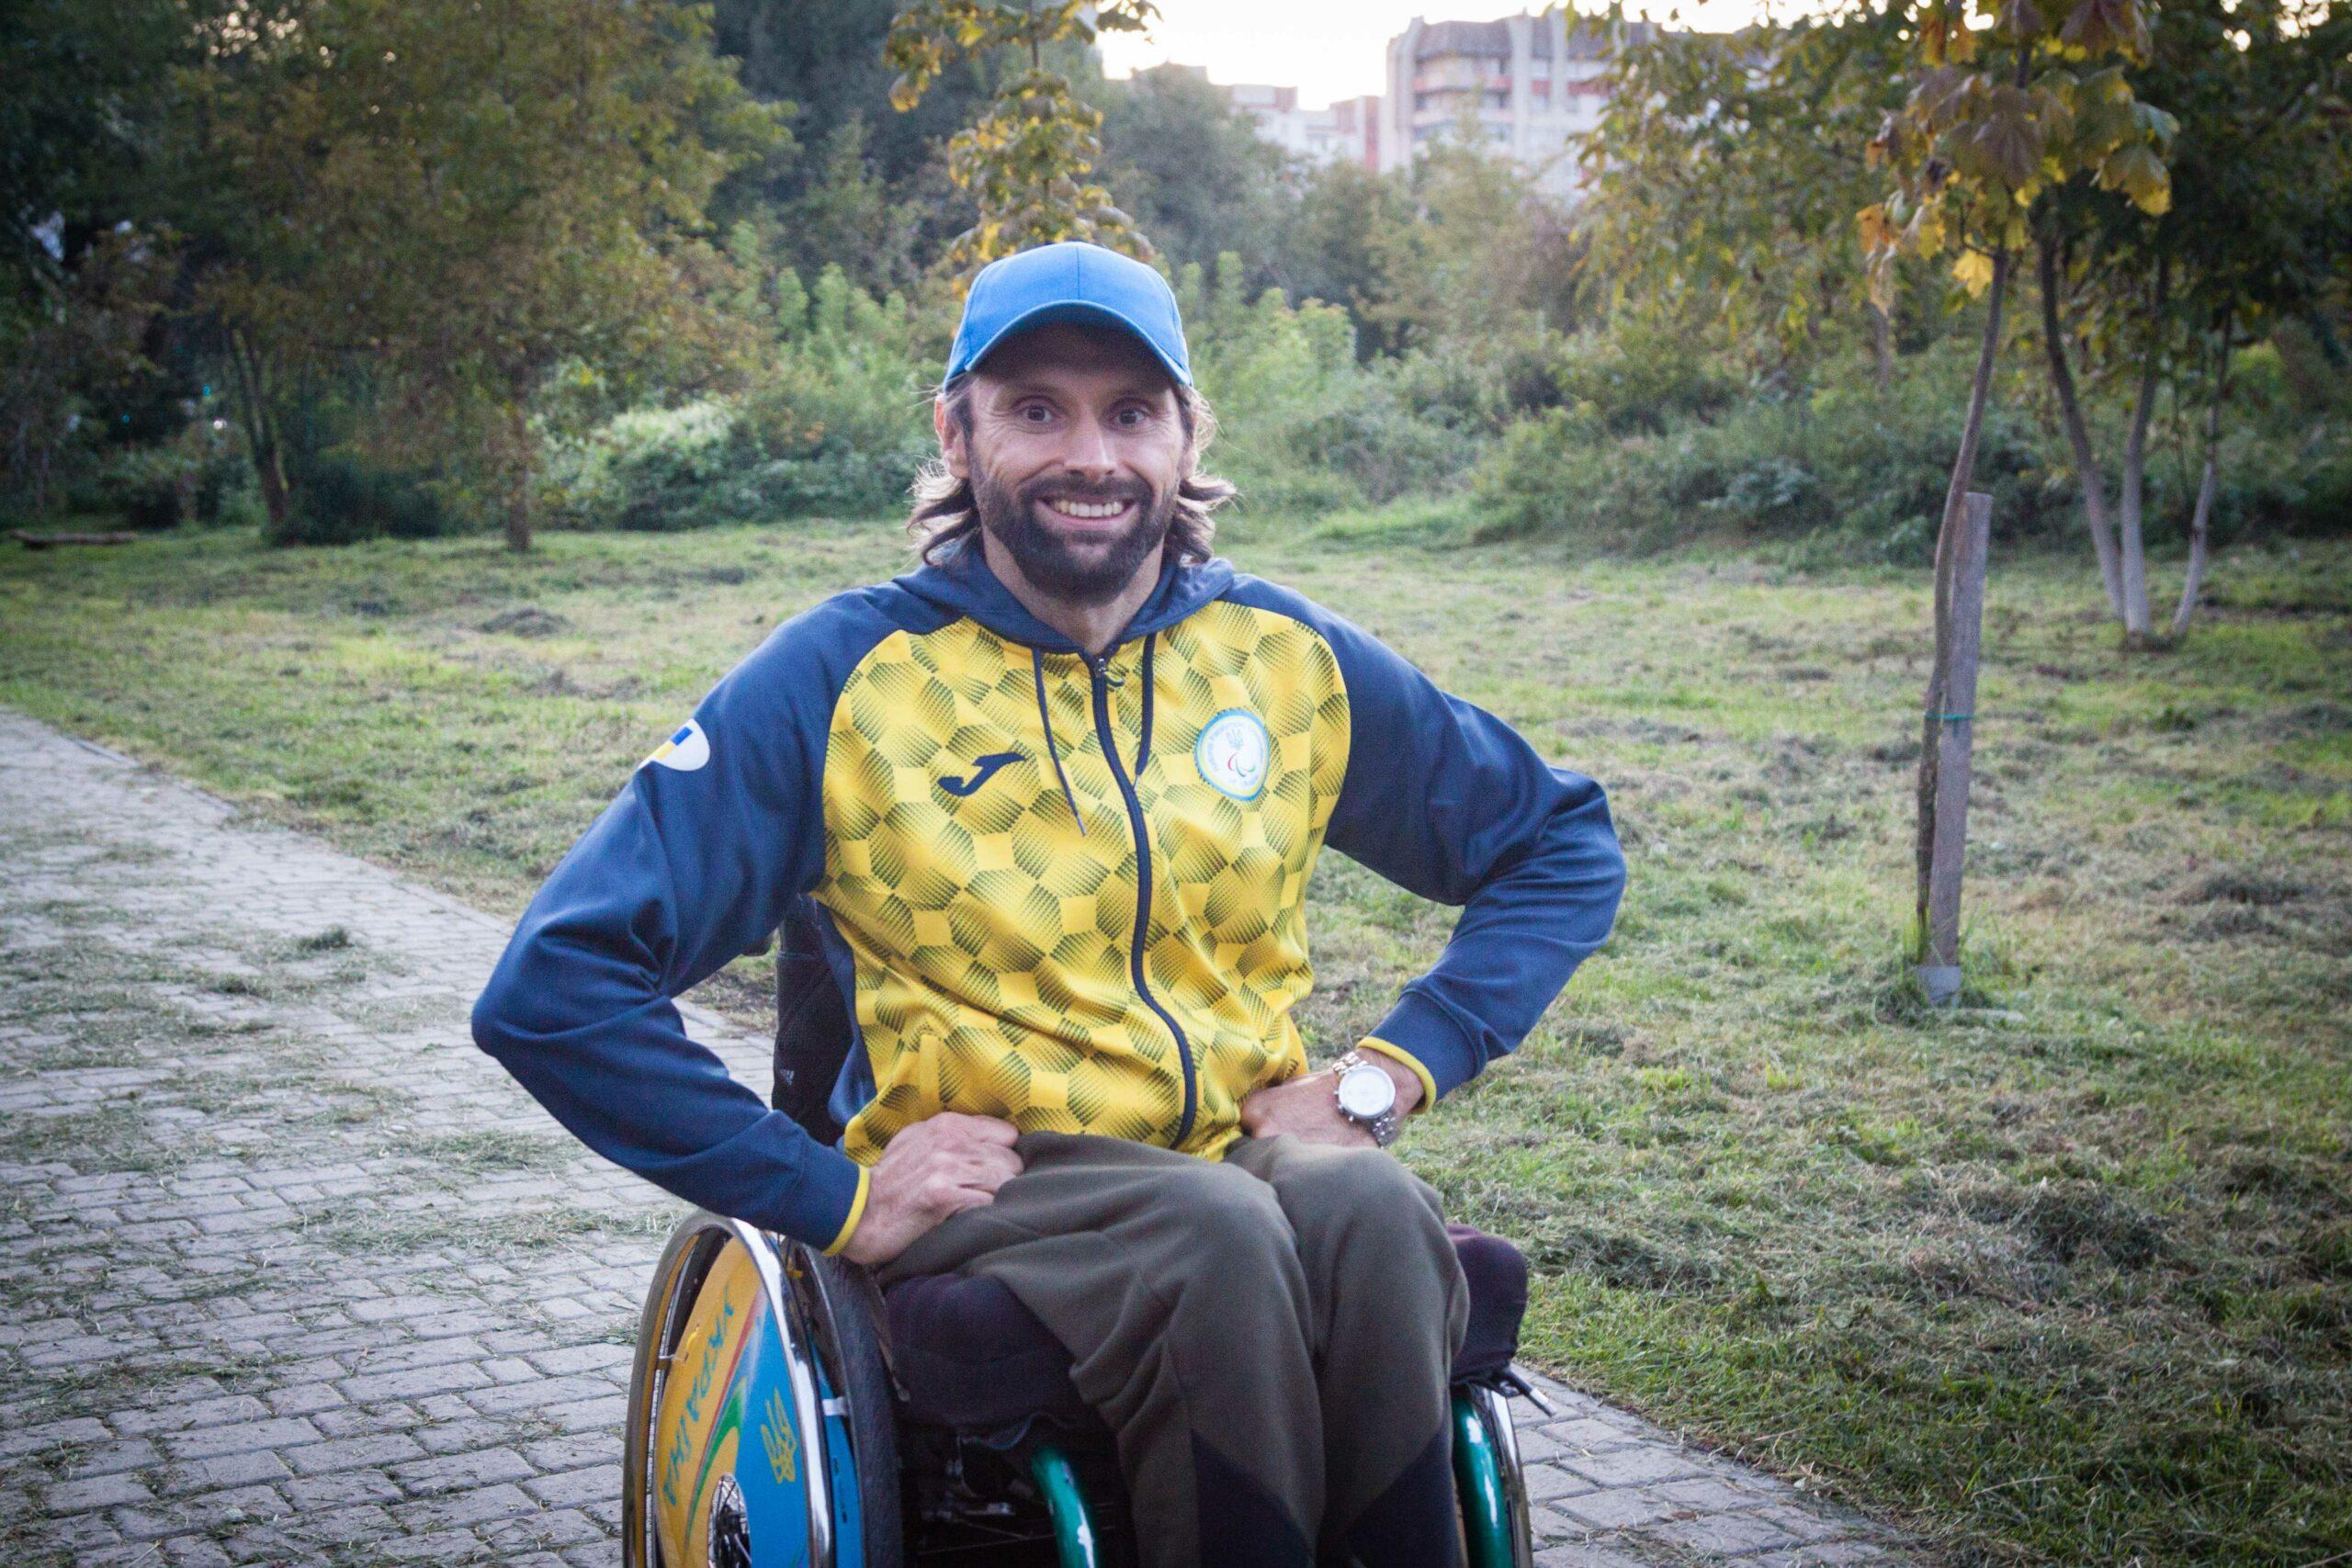 img 8894 scaled - <b>Необмежені можливості.</b> Як українським паралімпійцям удається перемагати в спорті та житті - Заборона